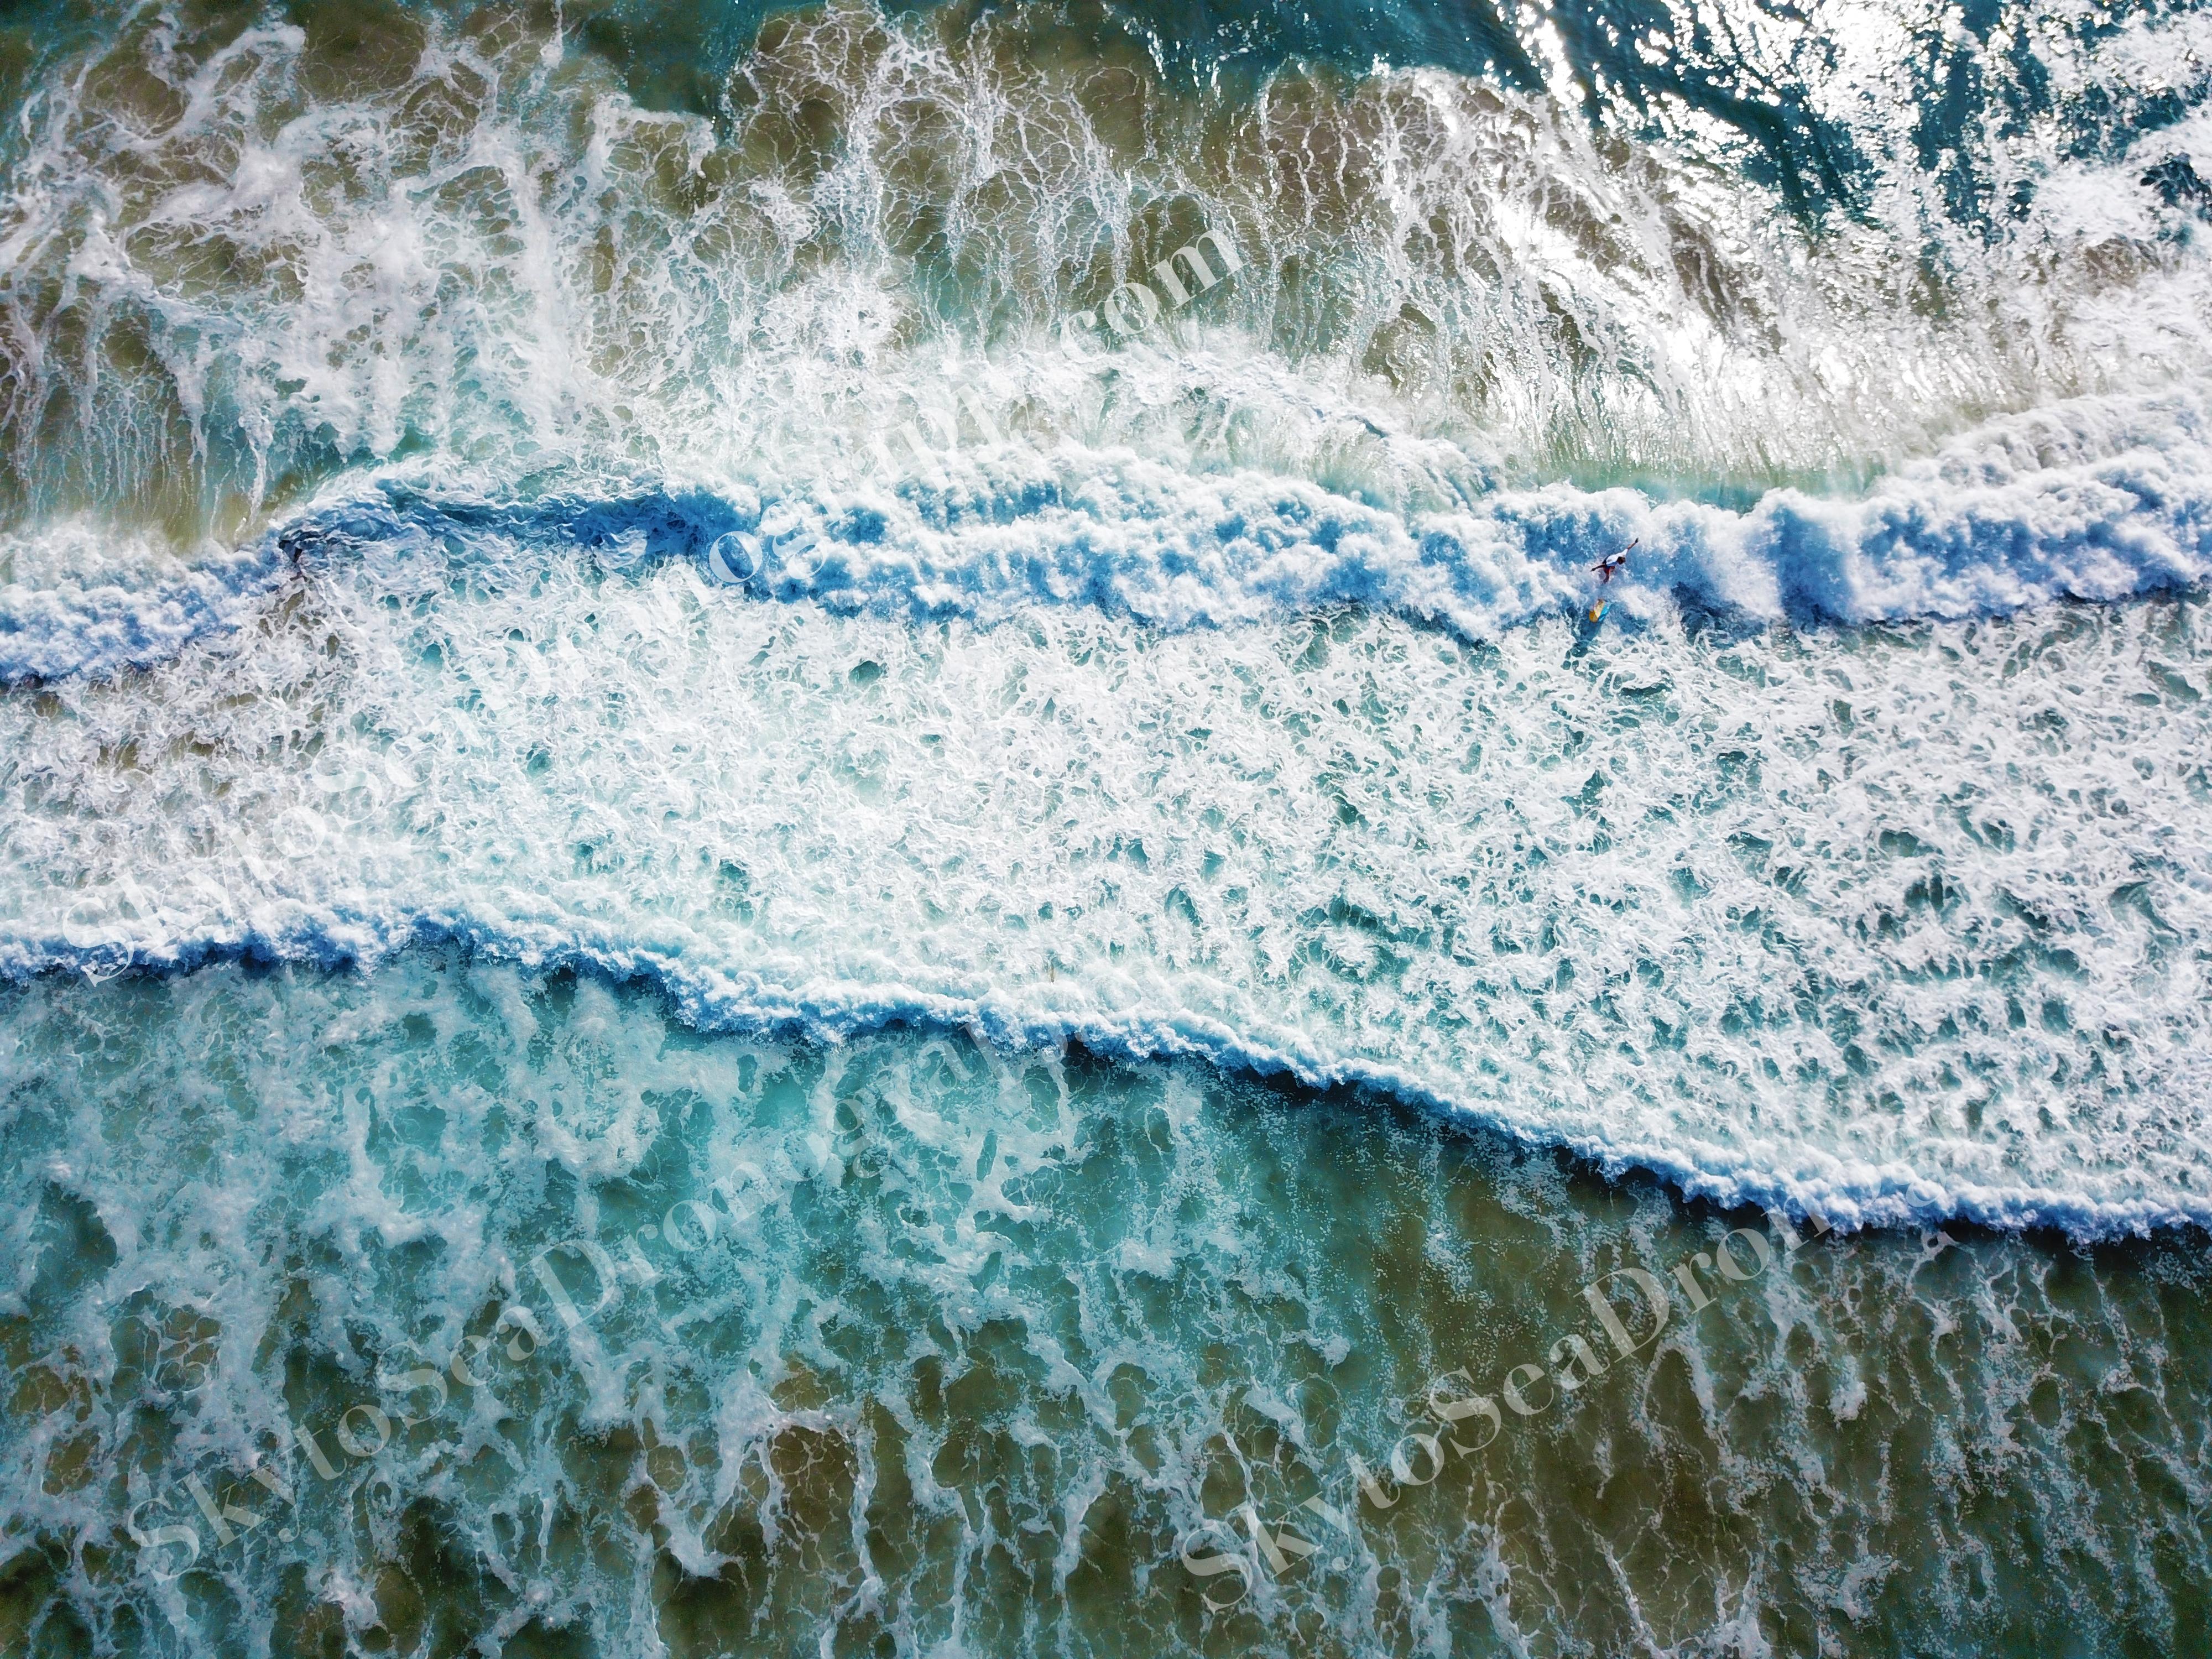 CU wave